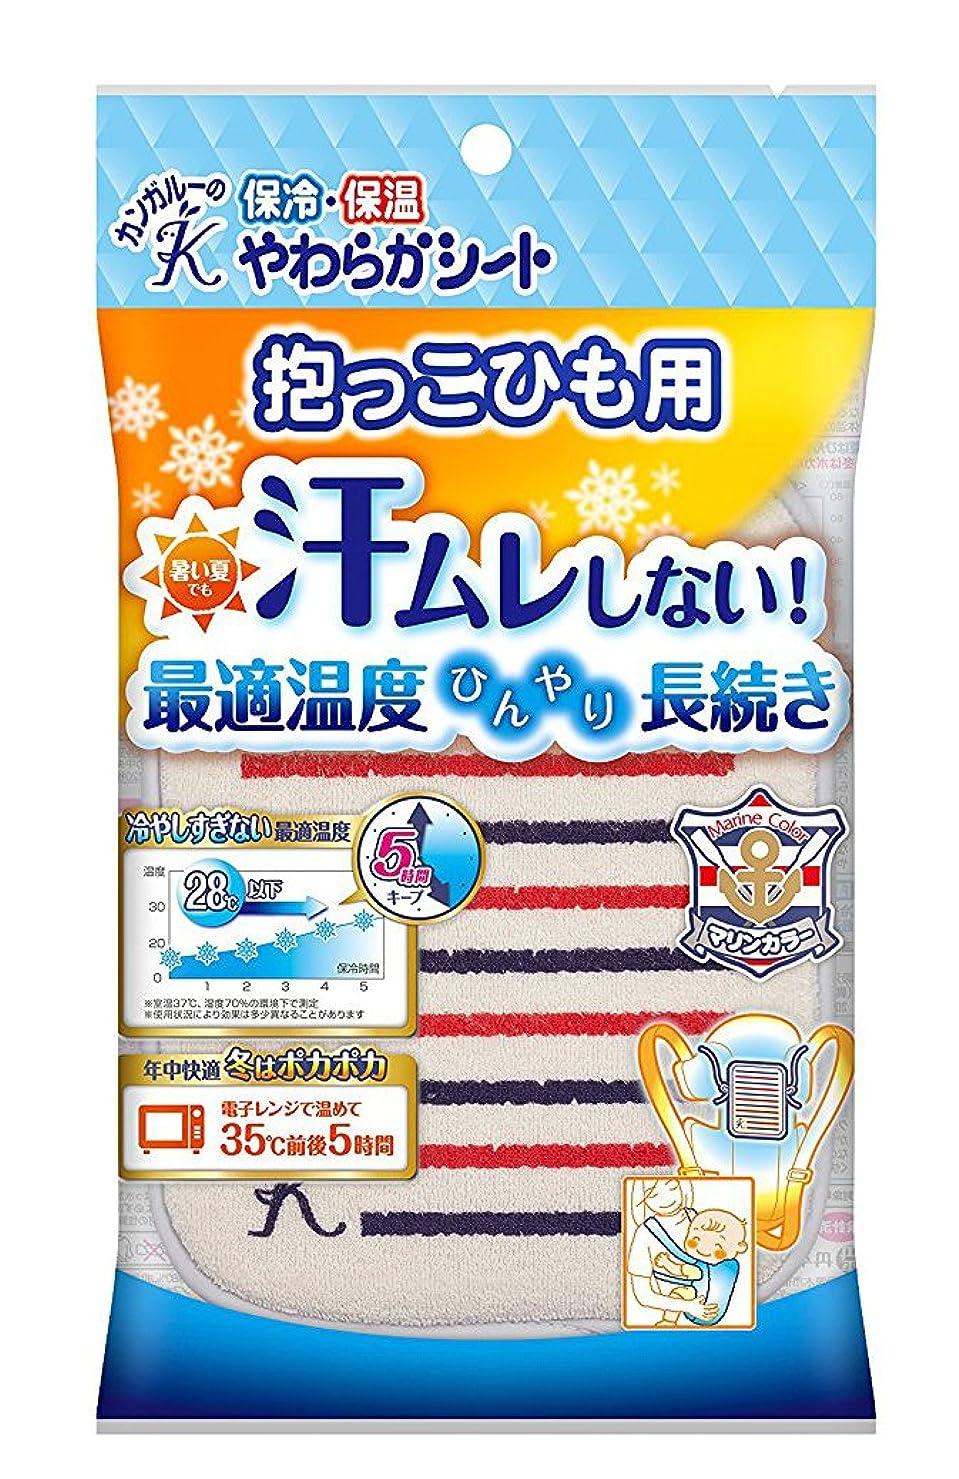 パトロールパーク分解するERGO Baby 抱っこひも おんぶ可 [日本正規品保証付] (日本限定ベビーウエストベルト付) (洗濯機で洗える) 装着簡単 ベビーキャリア アダプト ADAPT パールグレー CREGBCAPEAGRY